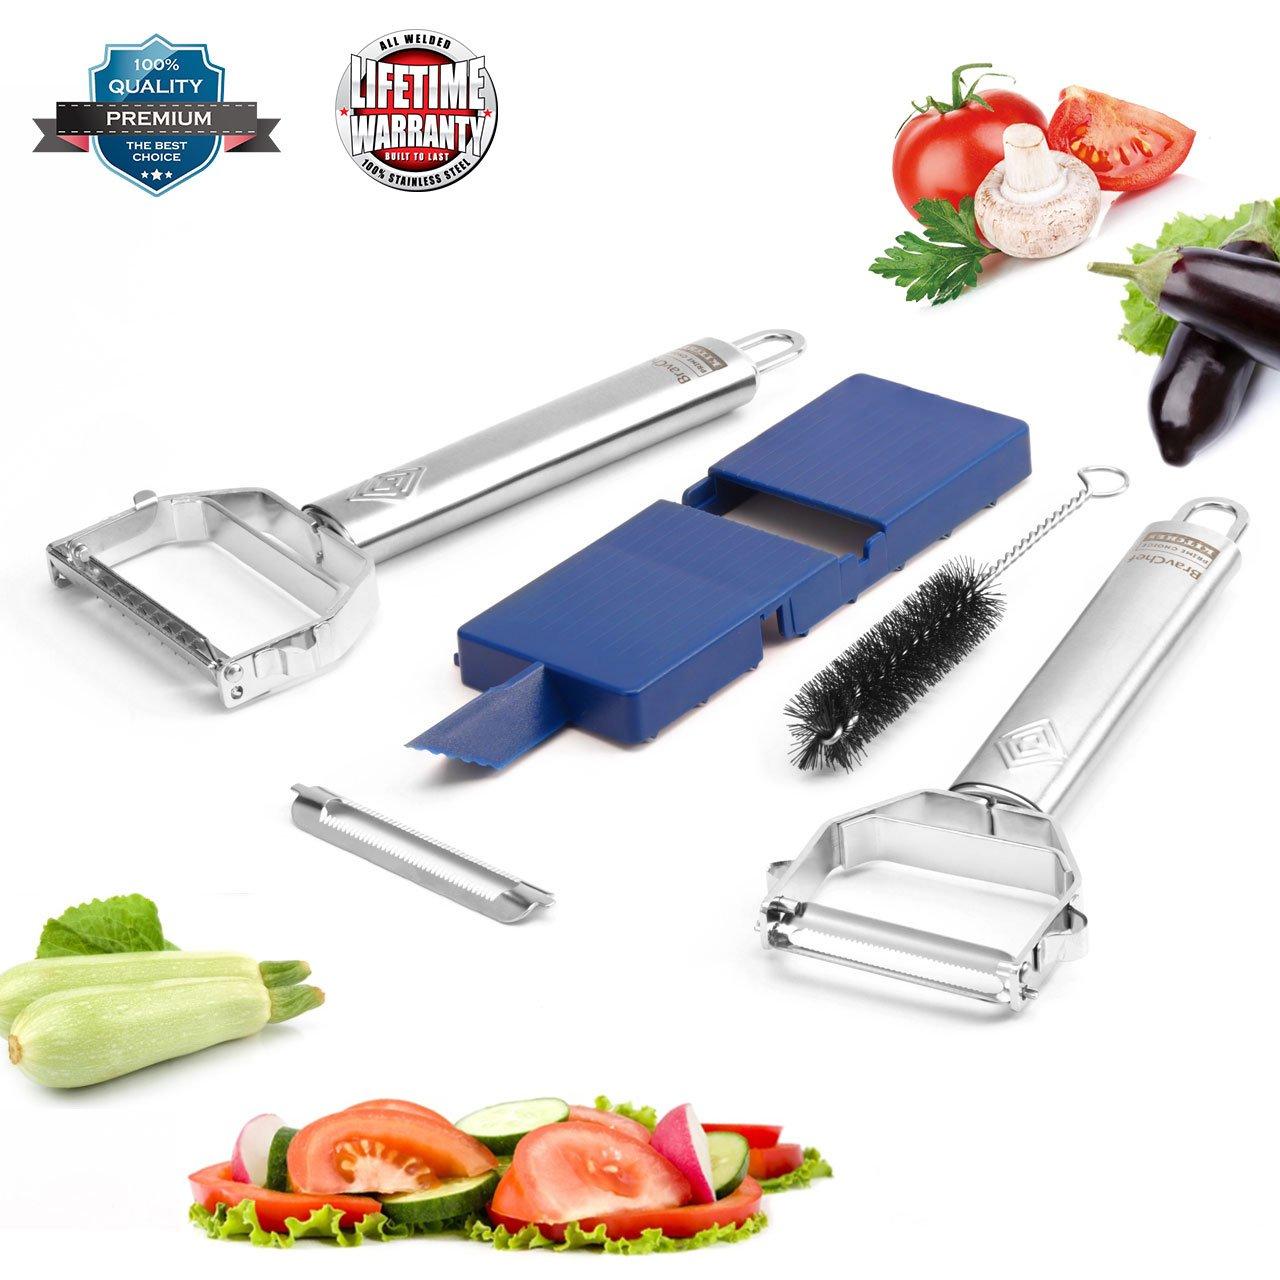 Citrus Stainless Steel Peeler Set/— Dual Julienne /& Vegetable Peeler for Potato Carrot Apple